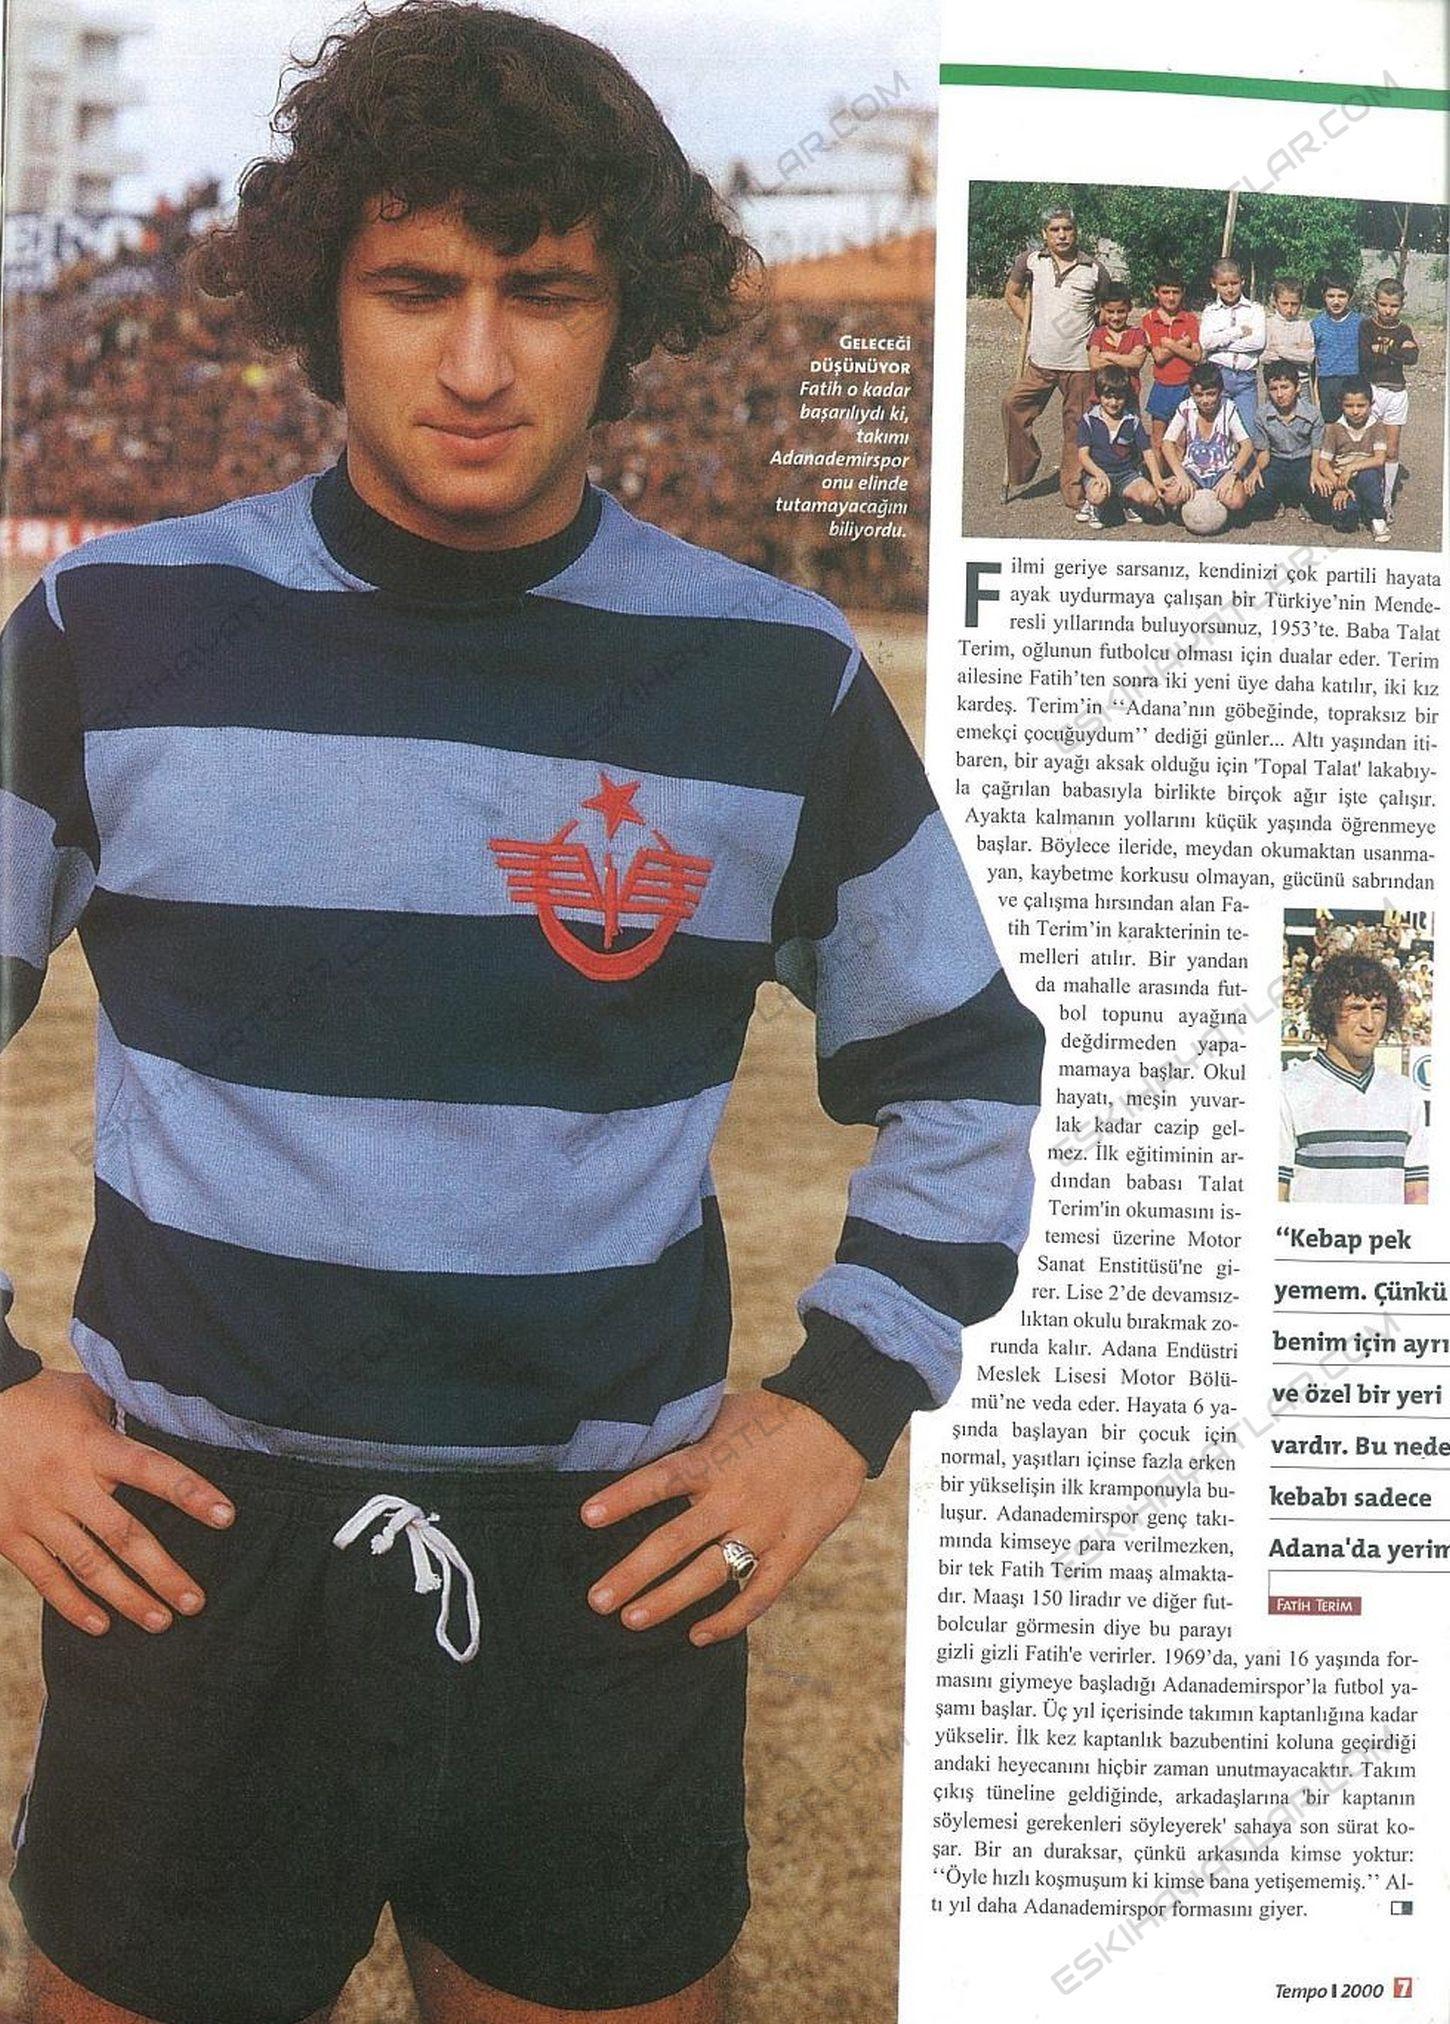 fatih-terim-fotograflari-fatih-terim-futbol-kariyeri-2000-yili-tempo-dergisi-arsivleri (4)